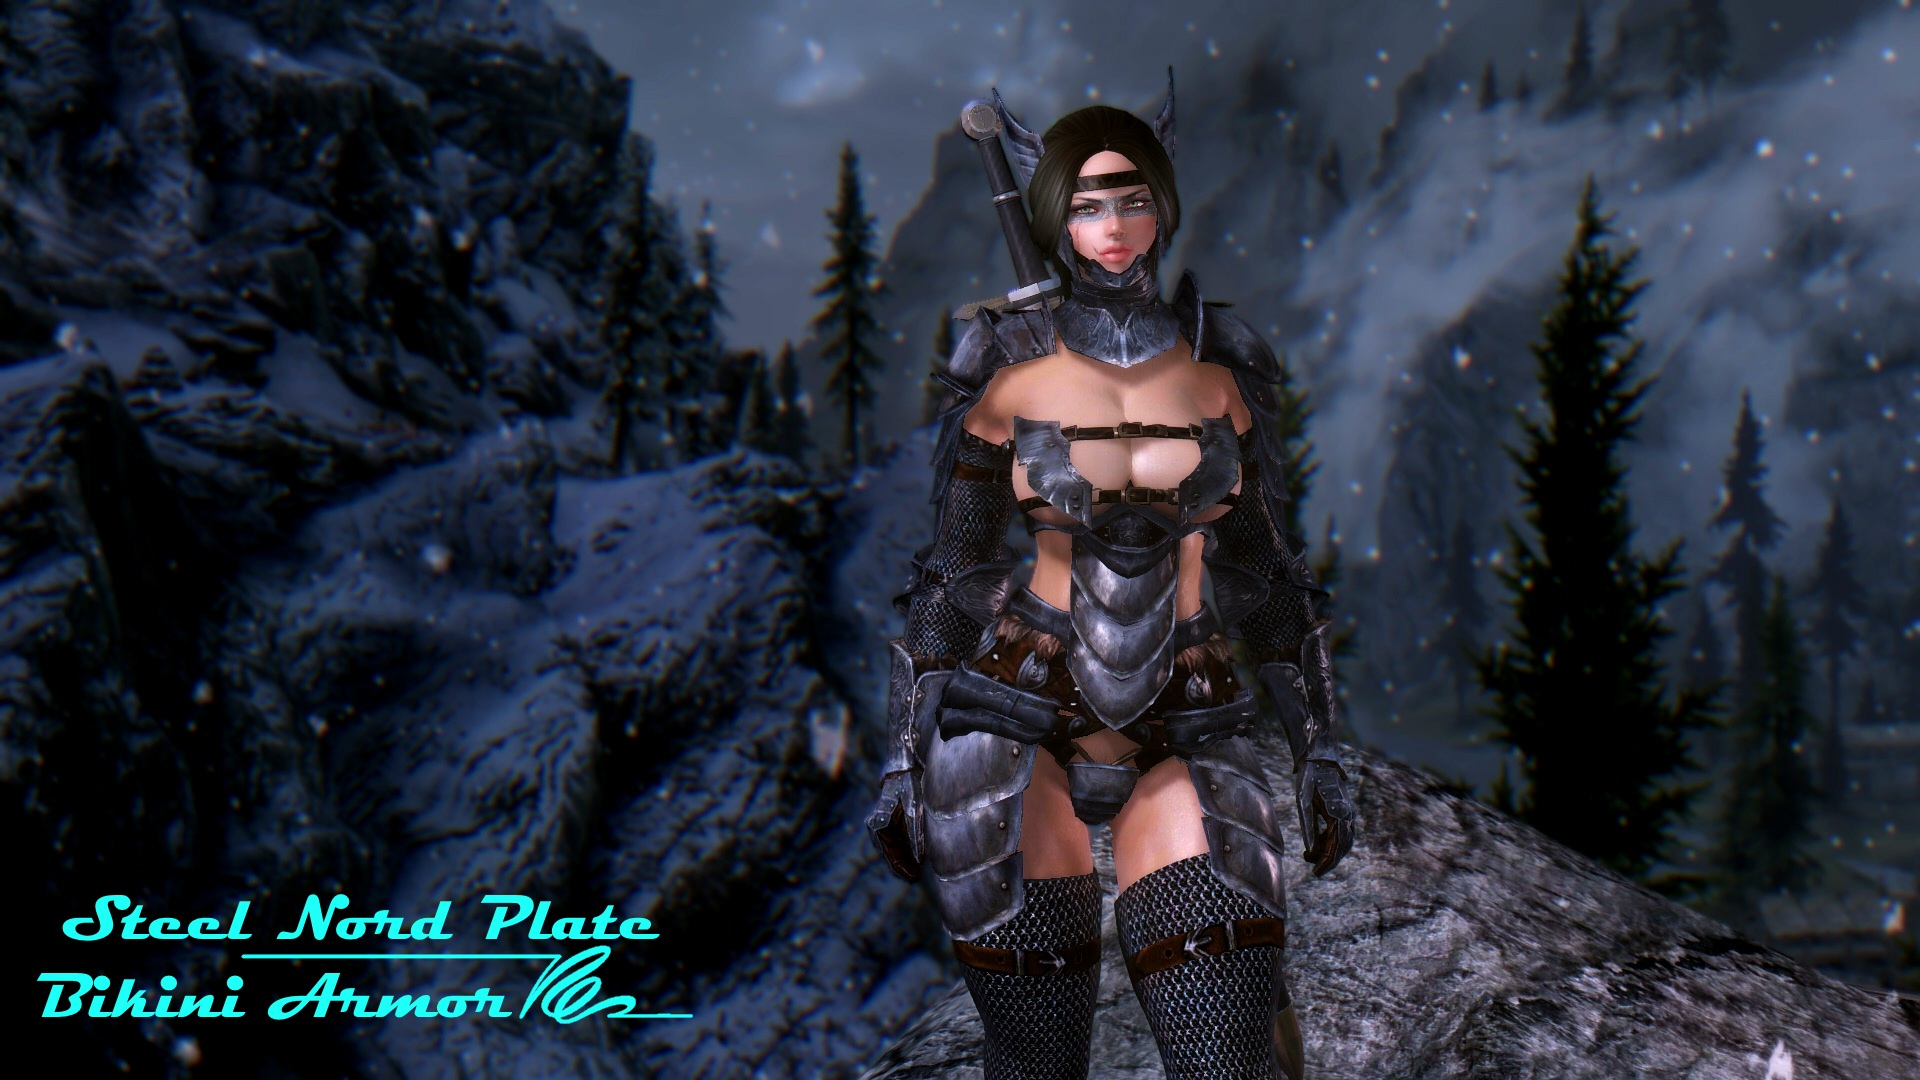 Steel_Nord_Plate_Bikini_Armor_02.jpg